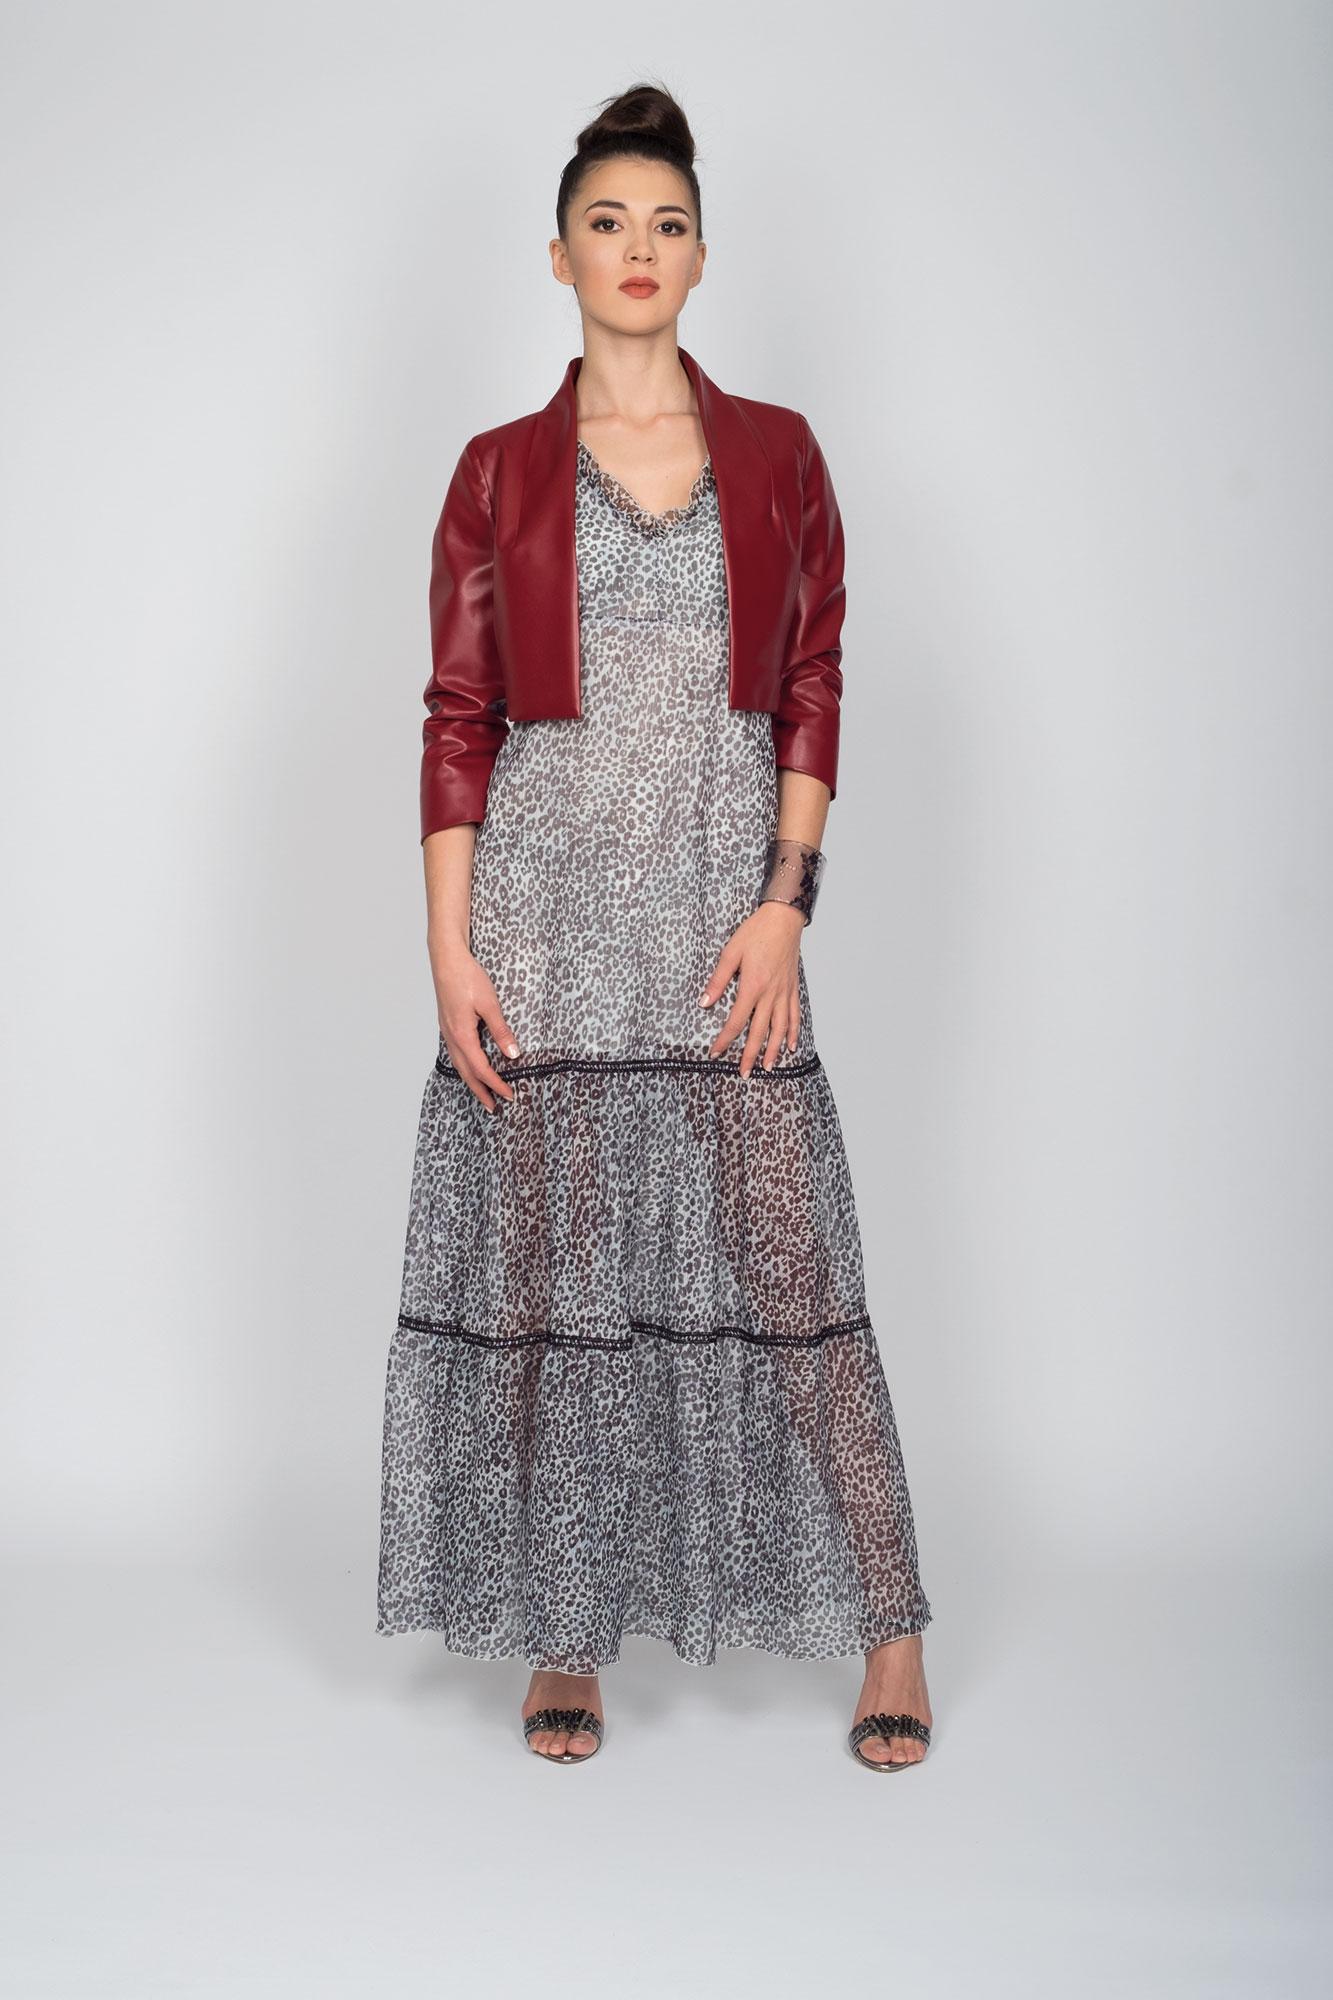 Creative Models - Servizio fotografico abbigliamento moda - 45